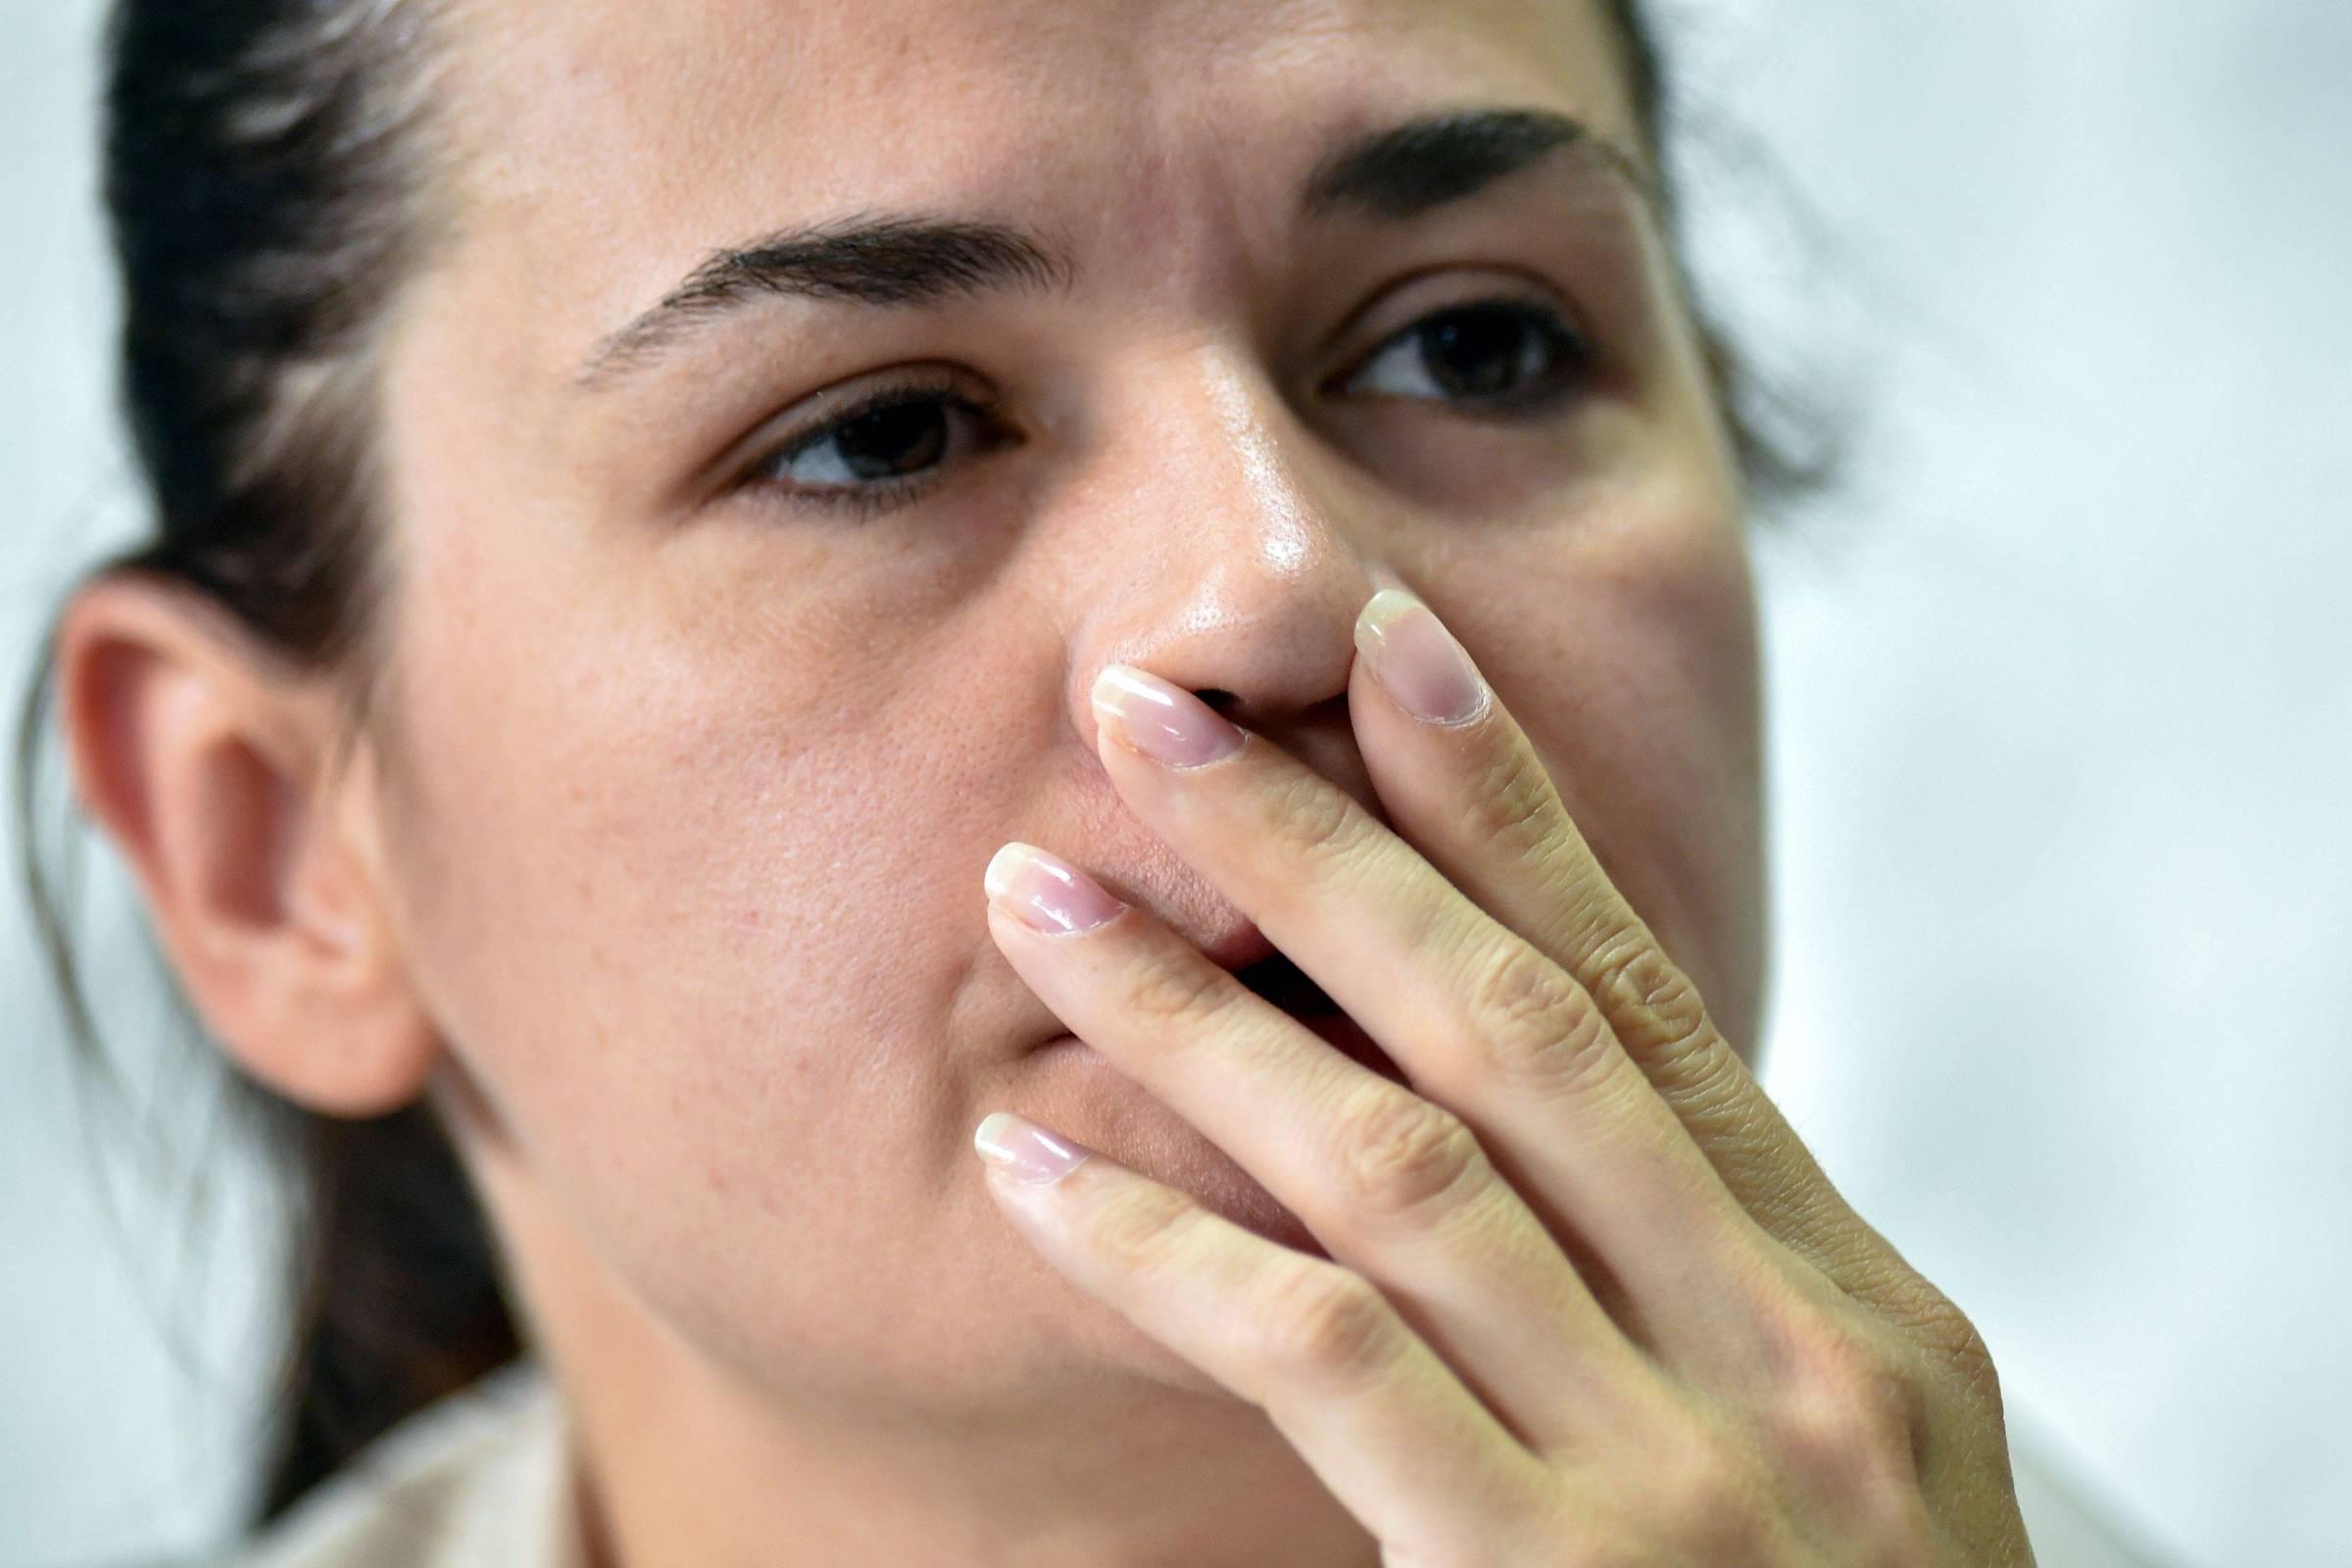 A dona de casa bielorrussa que rejeitou o autocrata rejeitou o resultado das eleições - 10.10.2020.  - O mundo